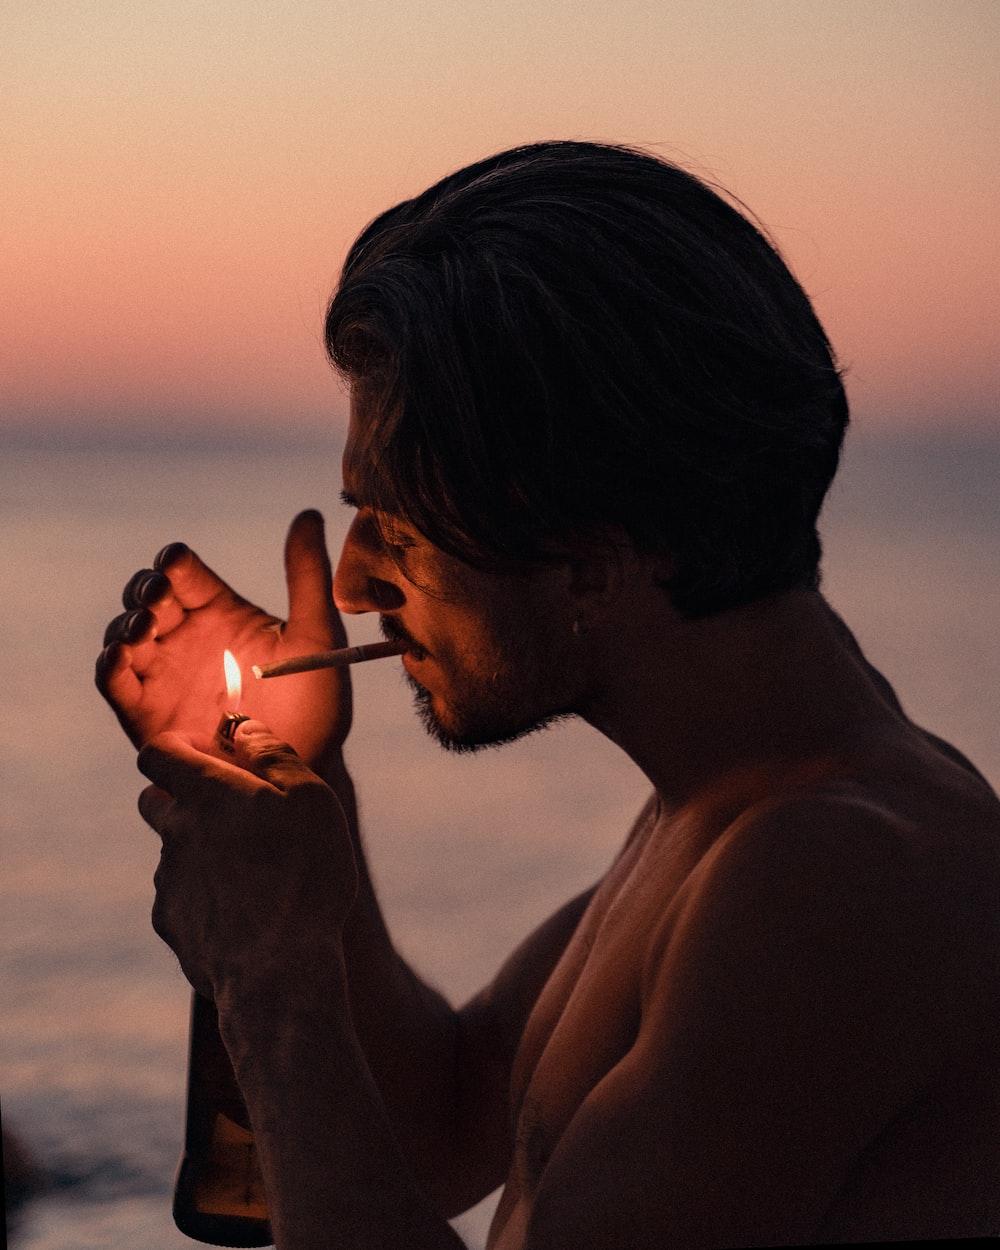 man smoking cigarette during sunset